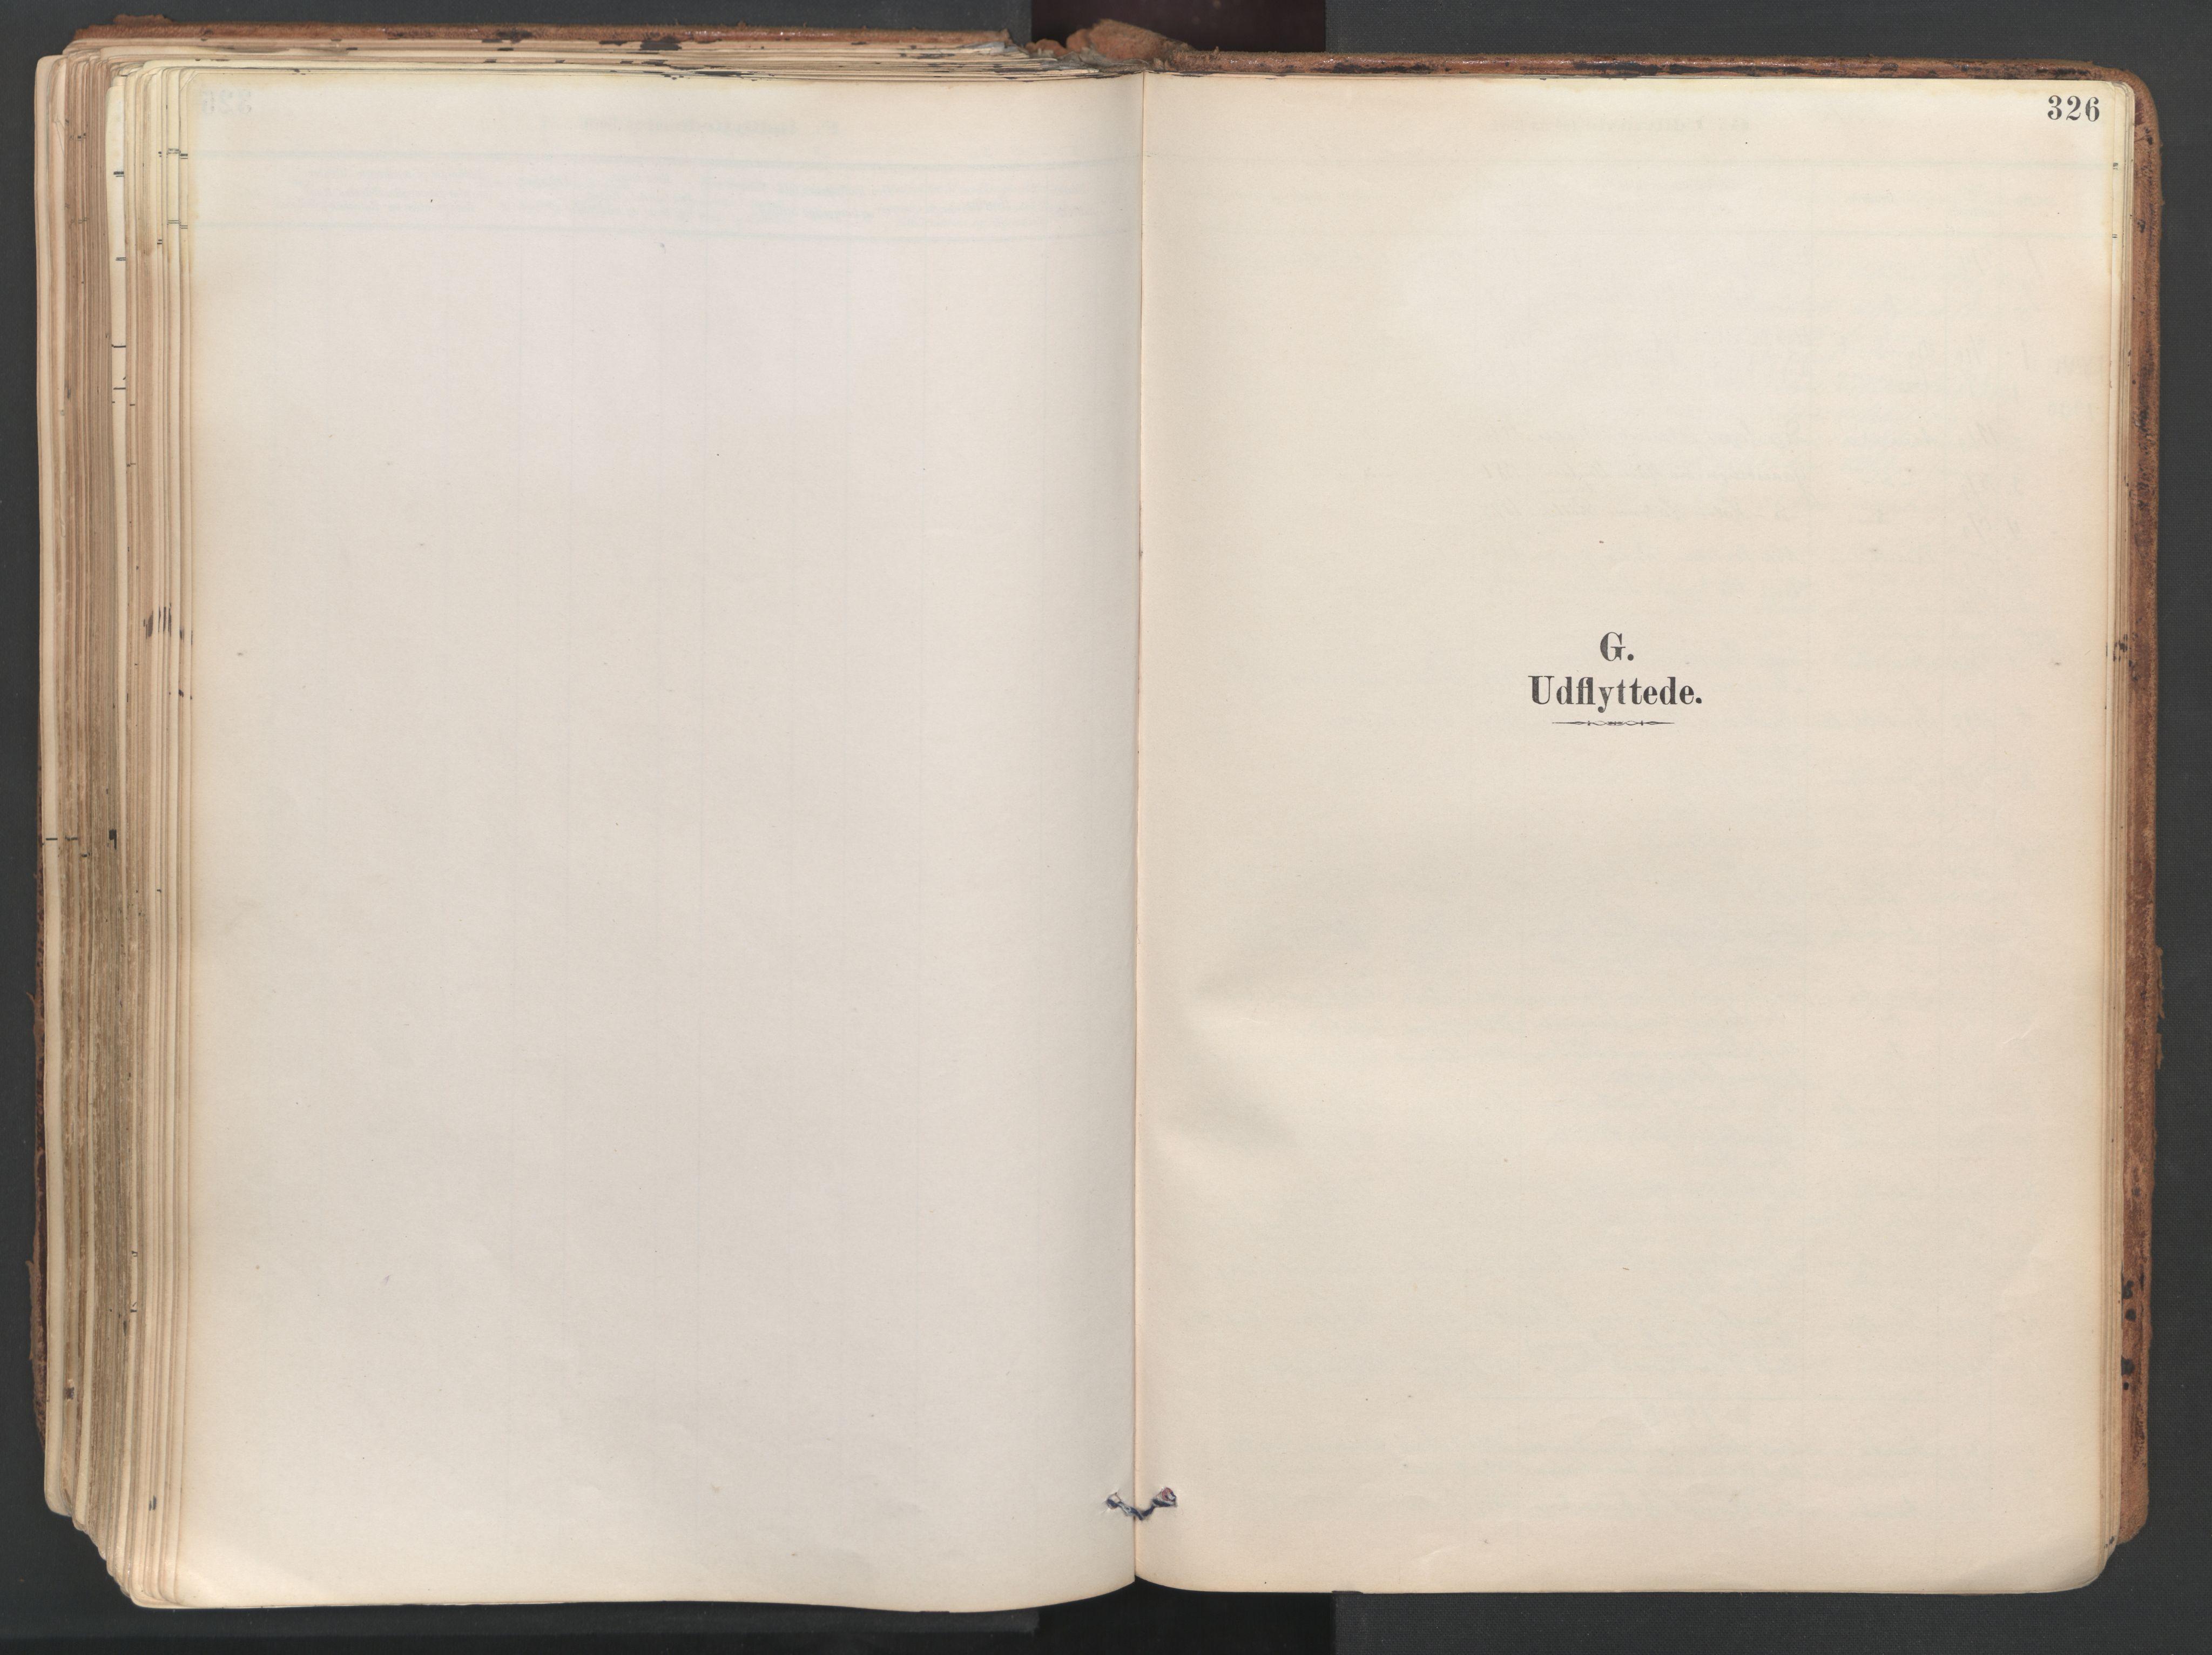 SAT, Ministerialprotokoller, klokkerbøker og fødselsregistre - Sør-Trøndelag, 687/L1004: Ministerialbok nr. 687A10, 1891-1923, s. 326